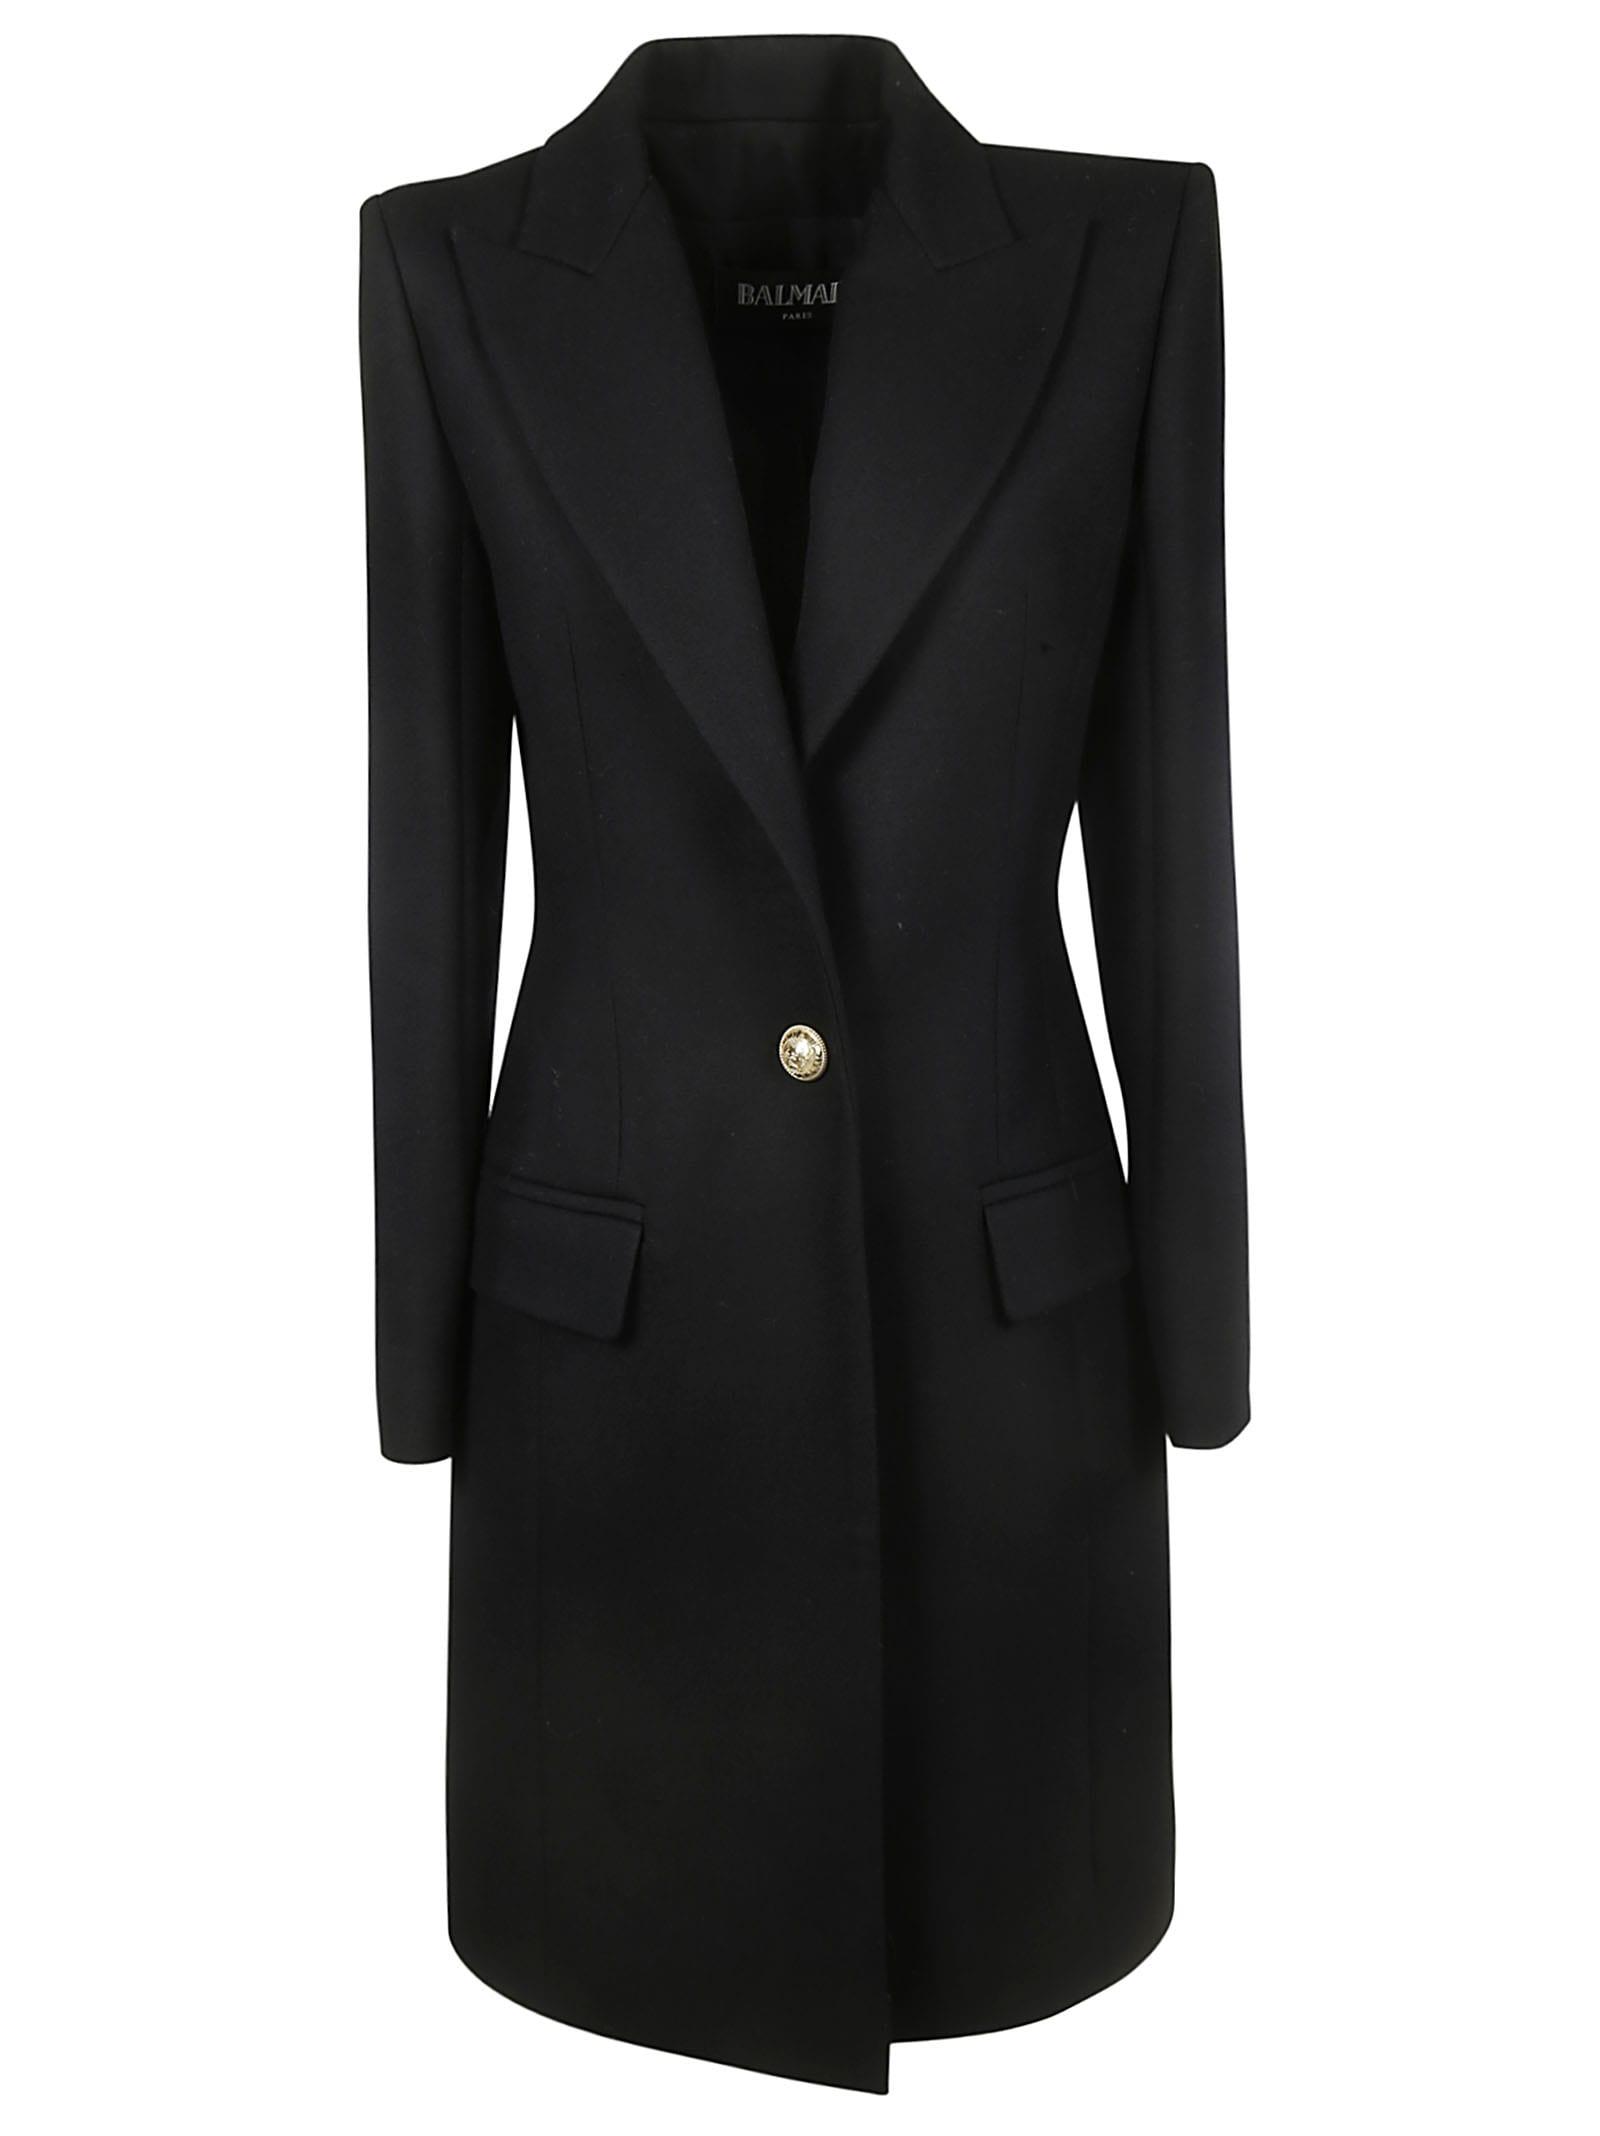 Balmain One Button Coat